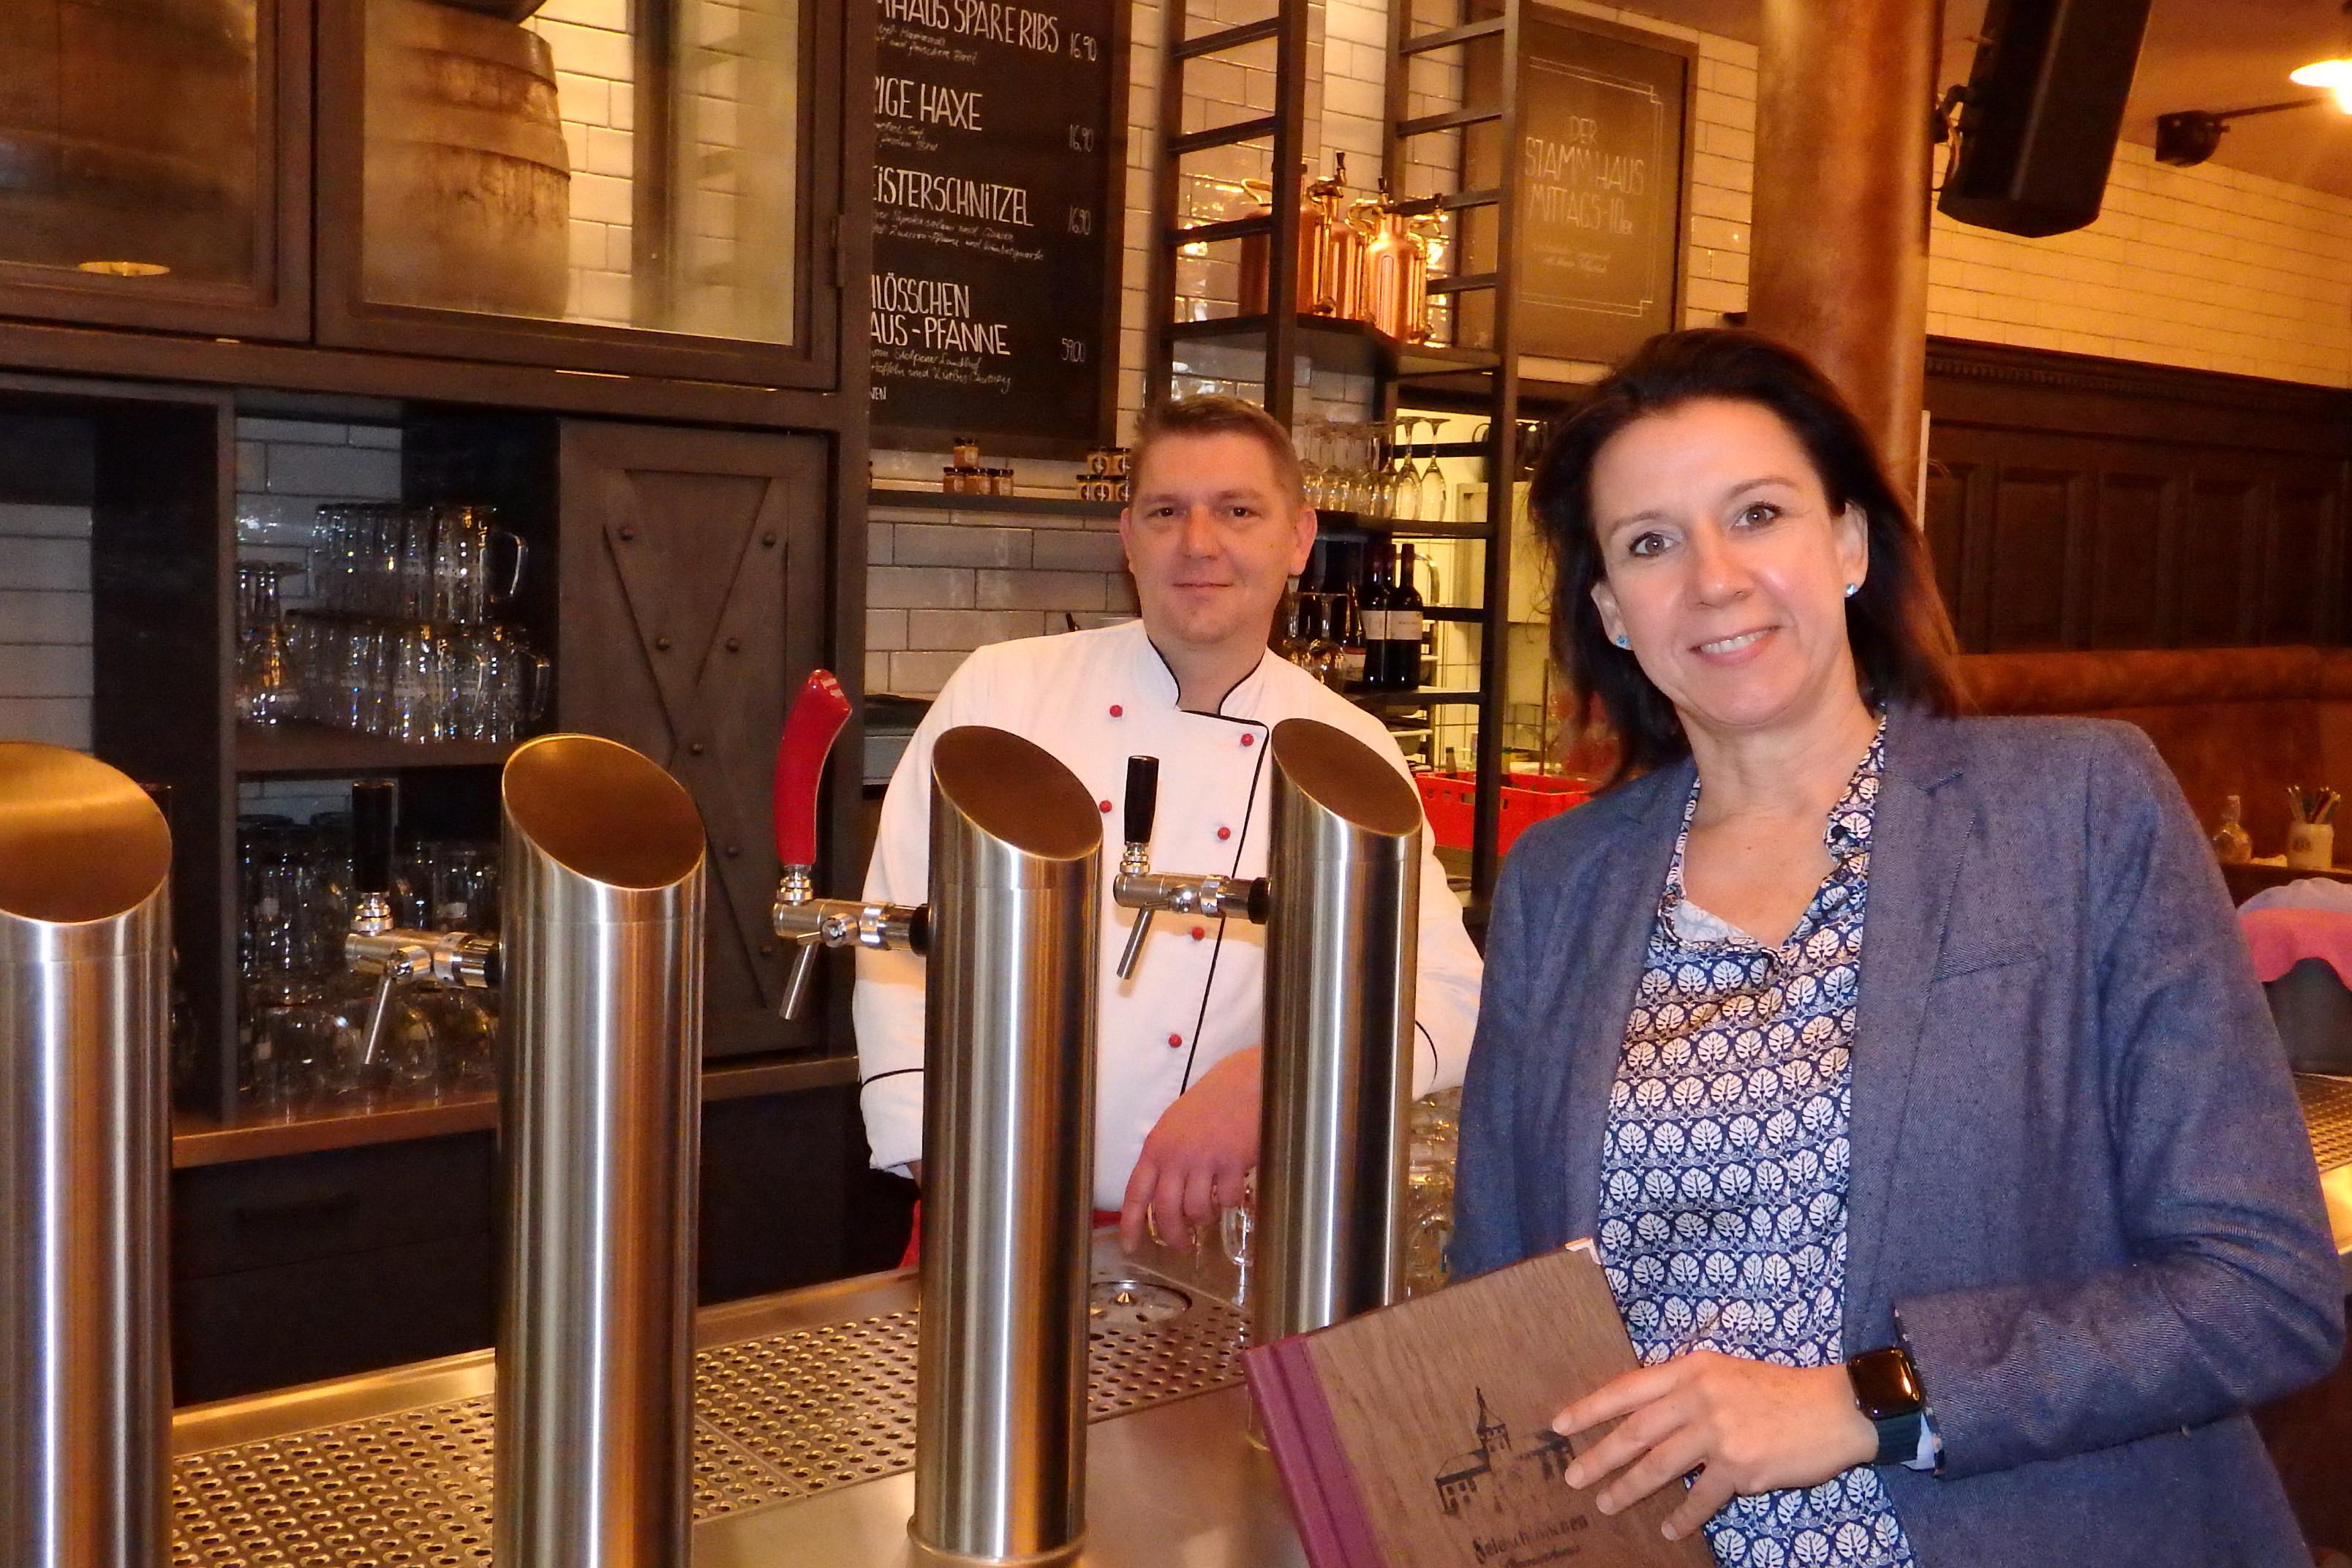 Modern und traditionell zugleich: Geschäftsführerin Mandy Seidel und Küchenchef Lars Hrzywnatzki an der neuen Bar im Feldschlösschen-Stammhaus.